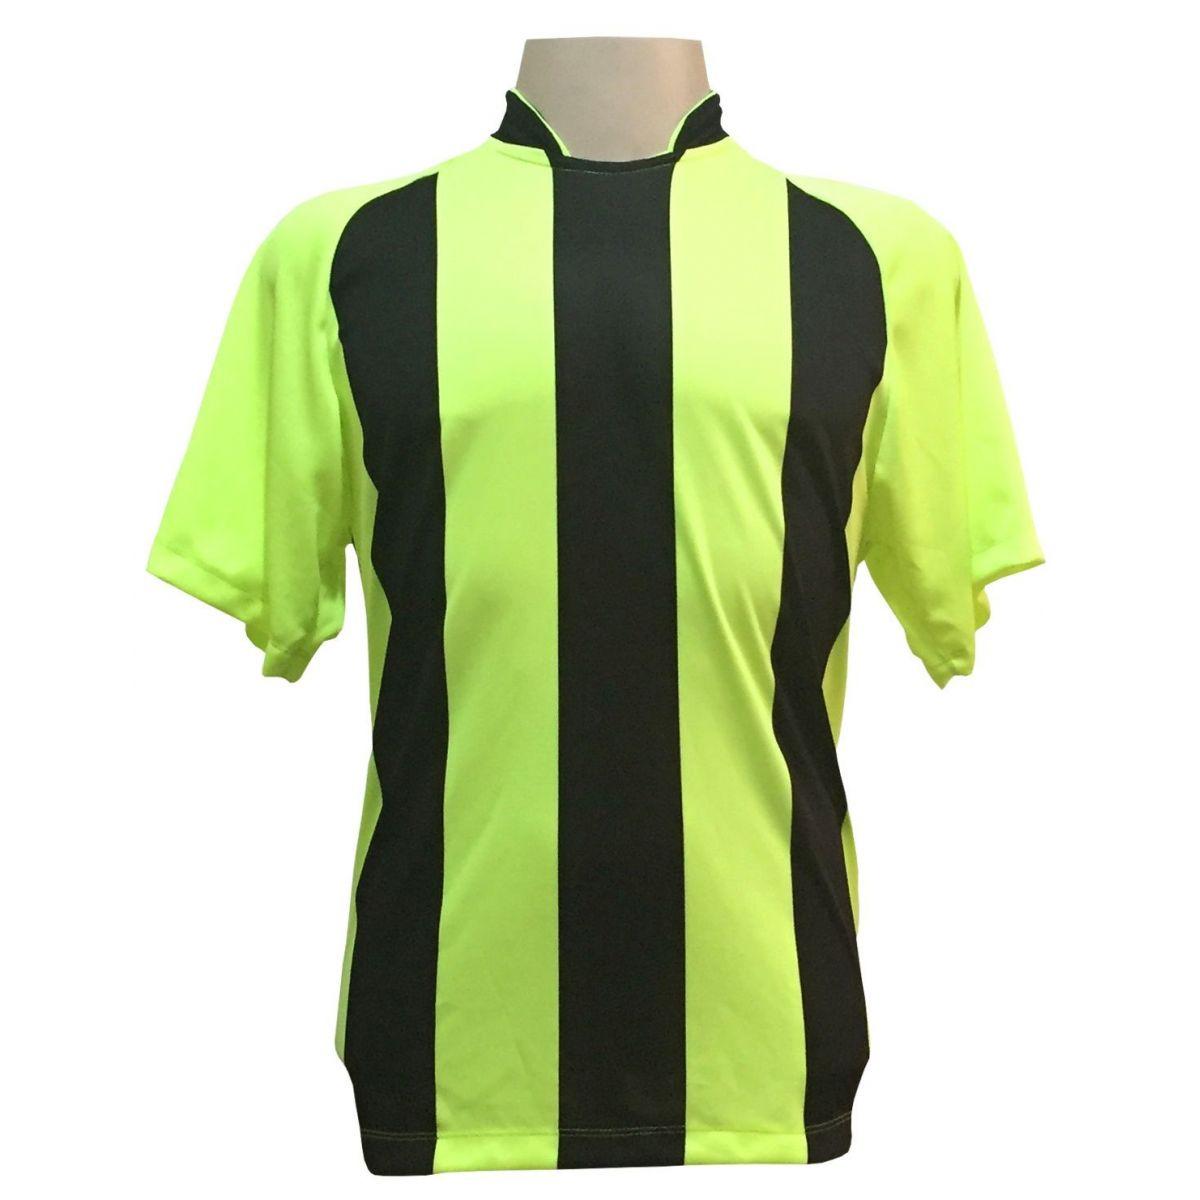 Uniforme Esportivo com 12 Camisas modelo Milan Limão/Preto + 12 Calções modelo Madrid Preto + 12 Pares de meiões Preto